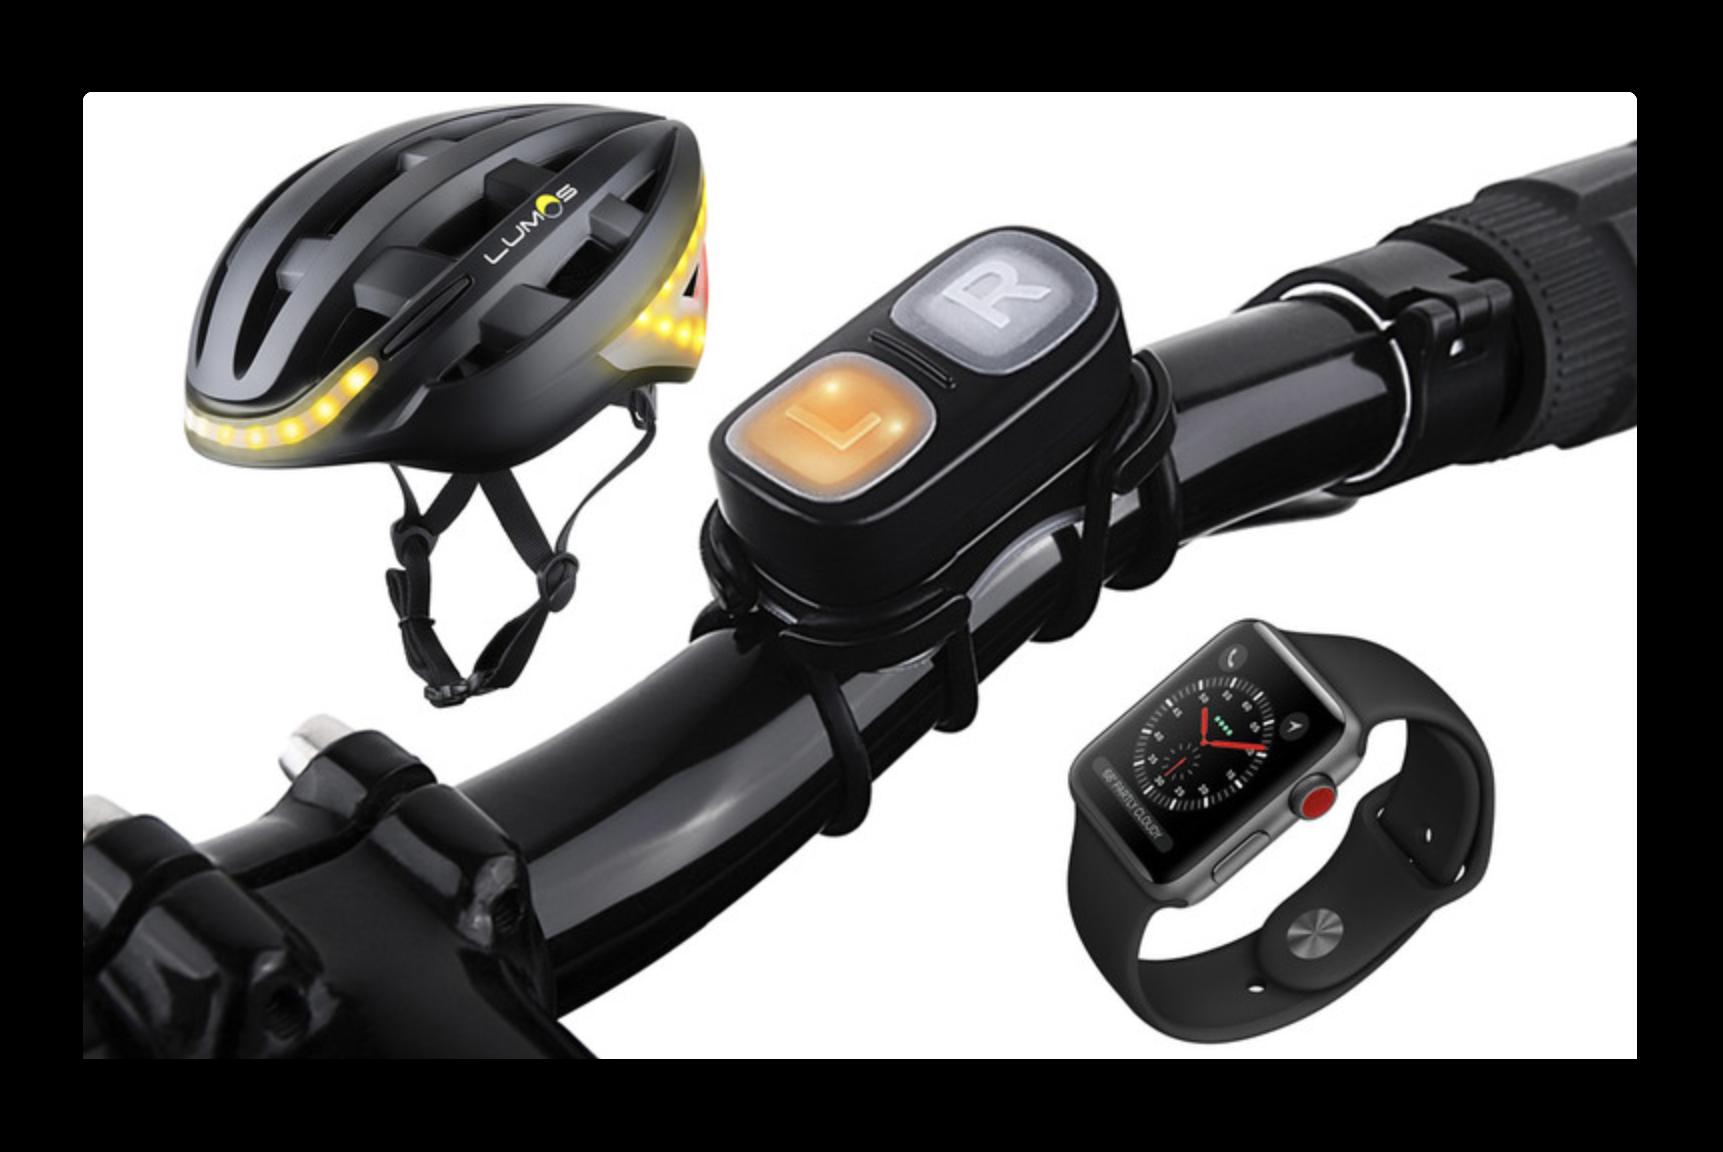 米国Apple Storeでは、安全性と健康状態を記録する自転車へルメットを販売